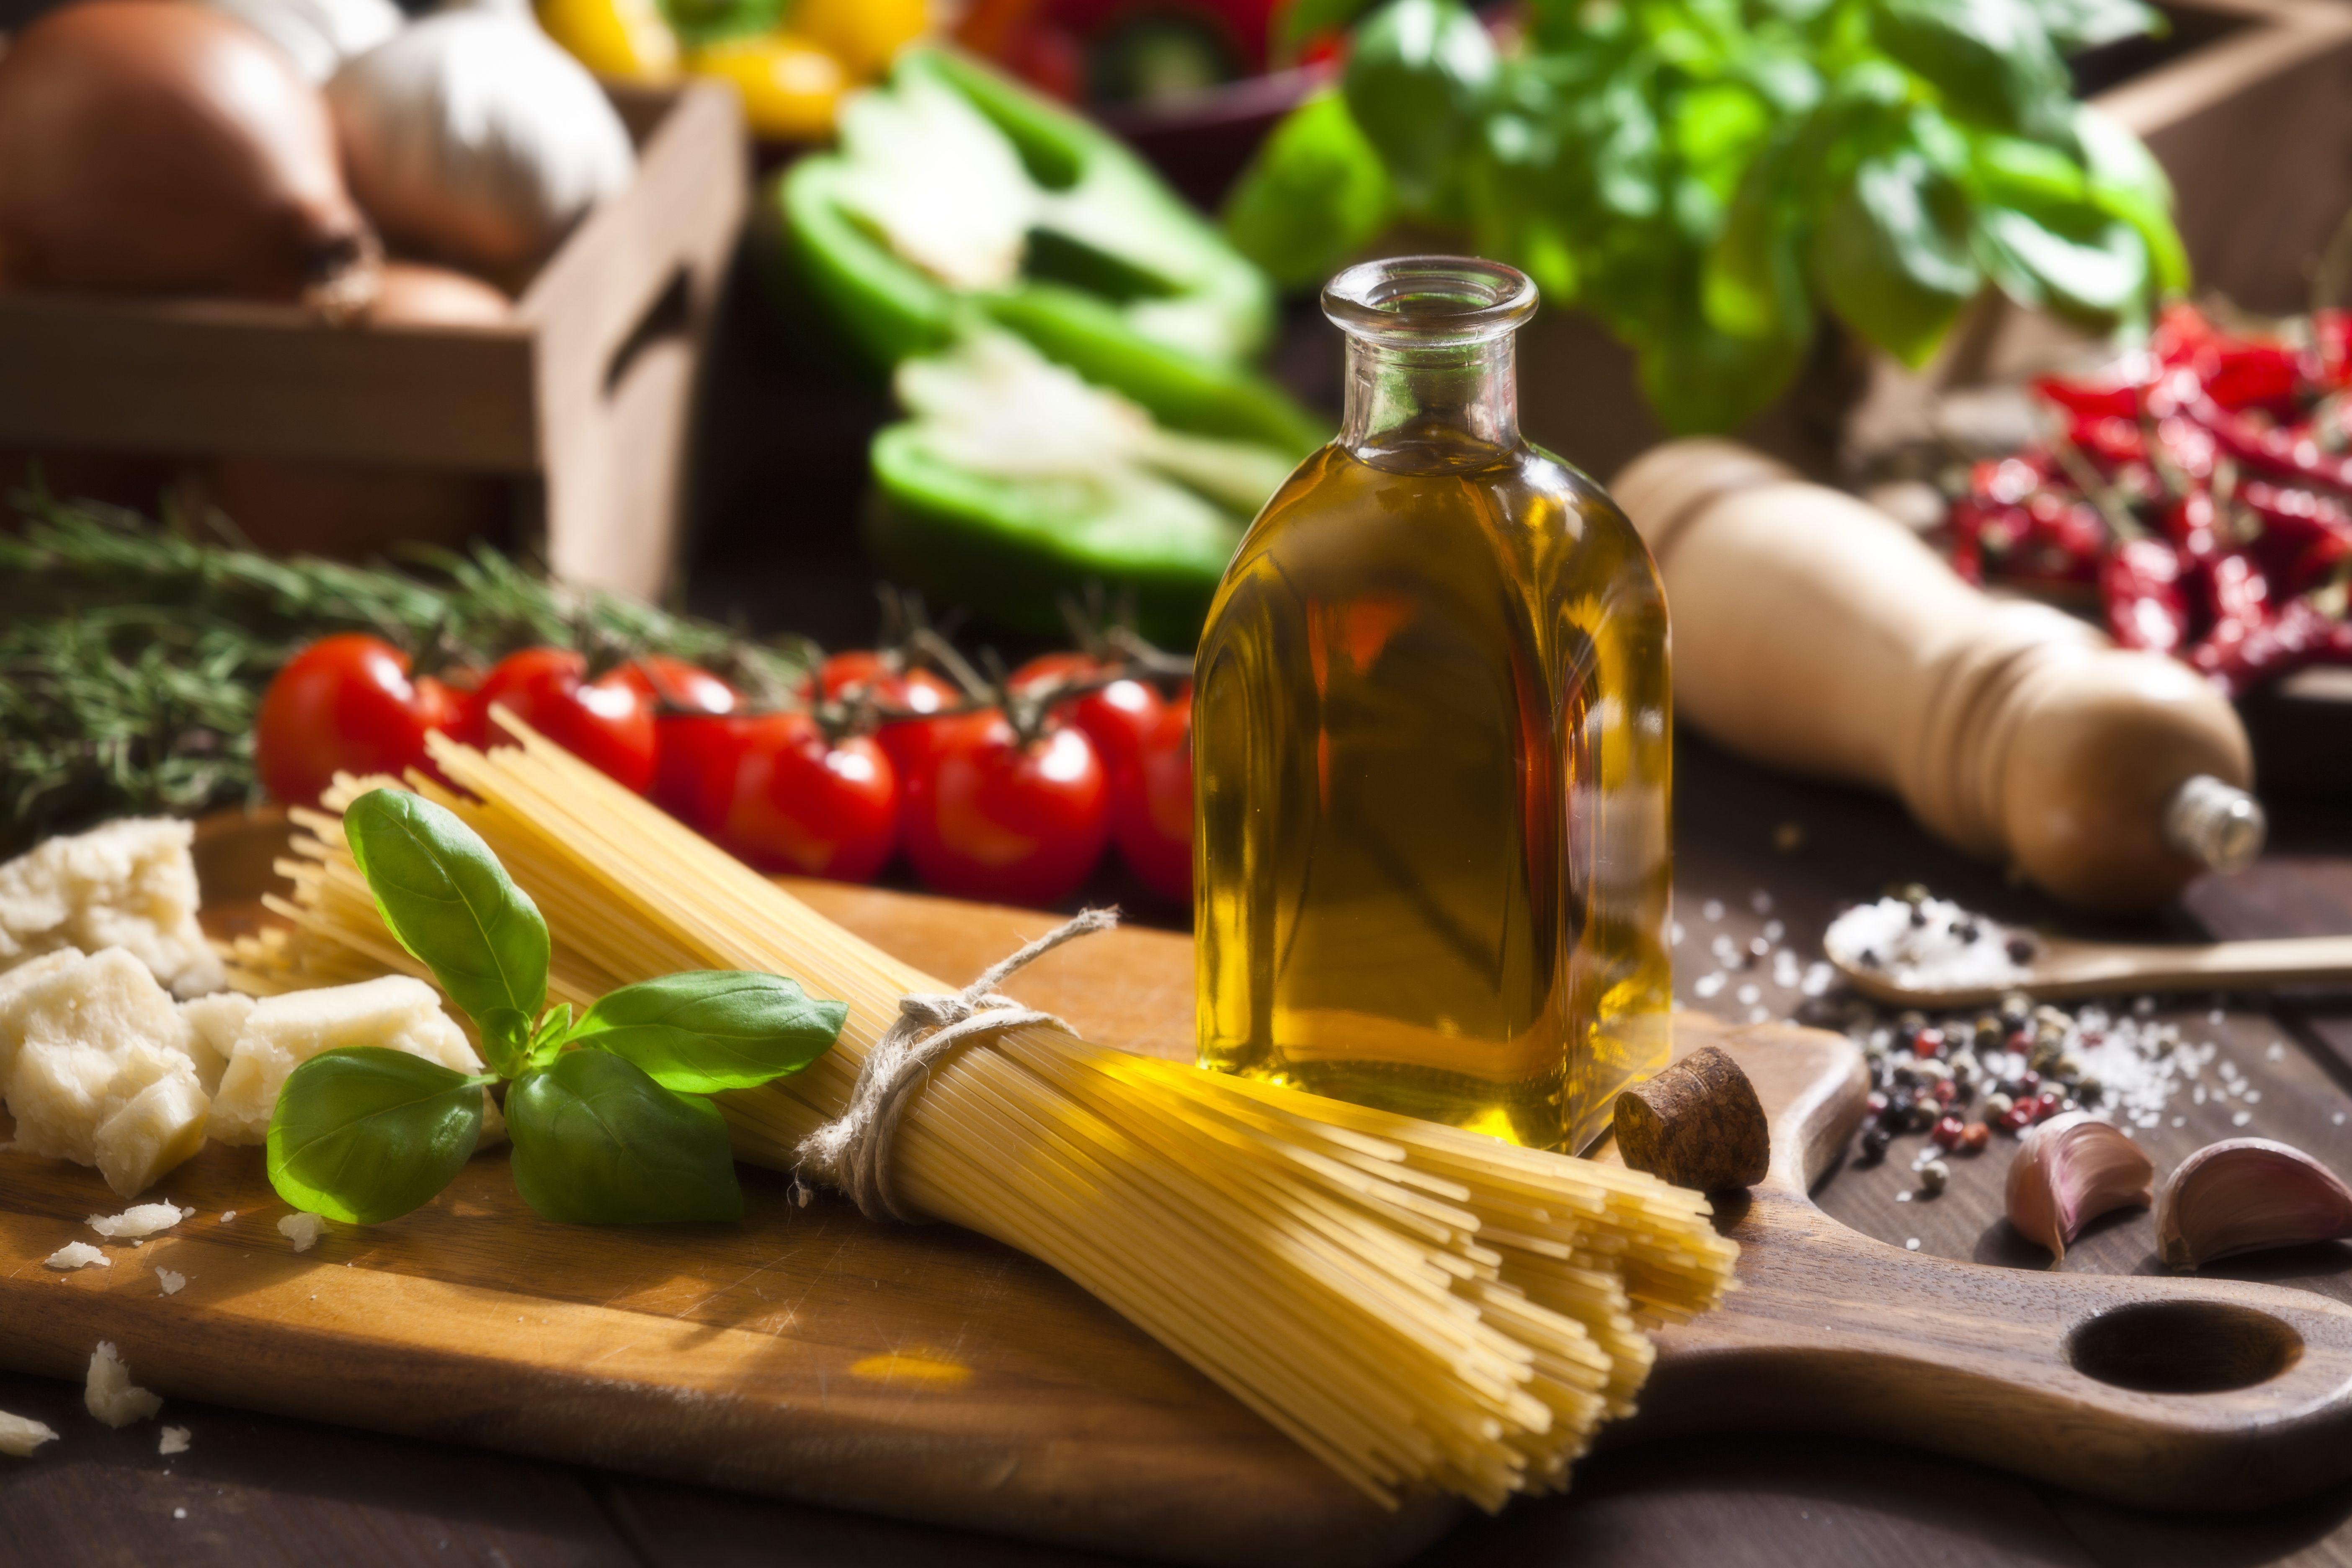 Niente spaghetti, olio e pomodori italiani in Inghilterra. Tutta colpa della Brexit